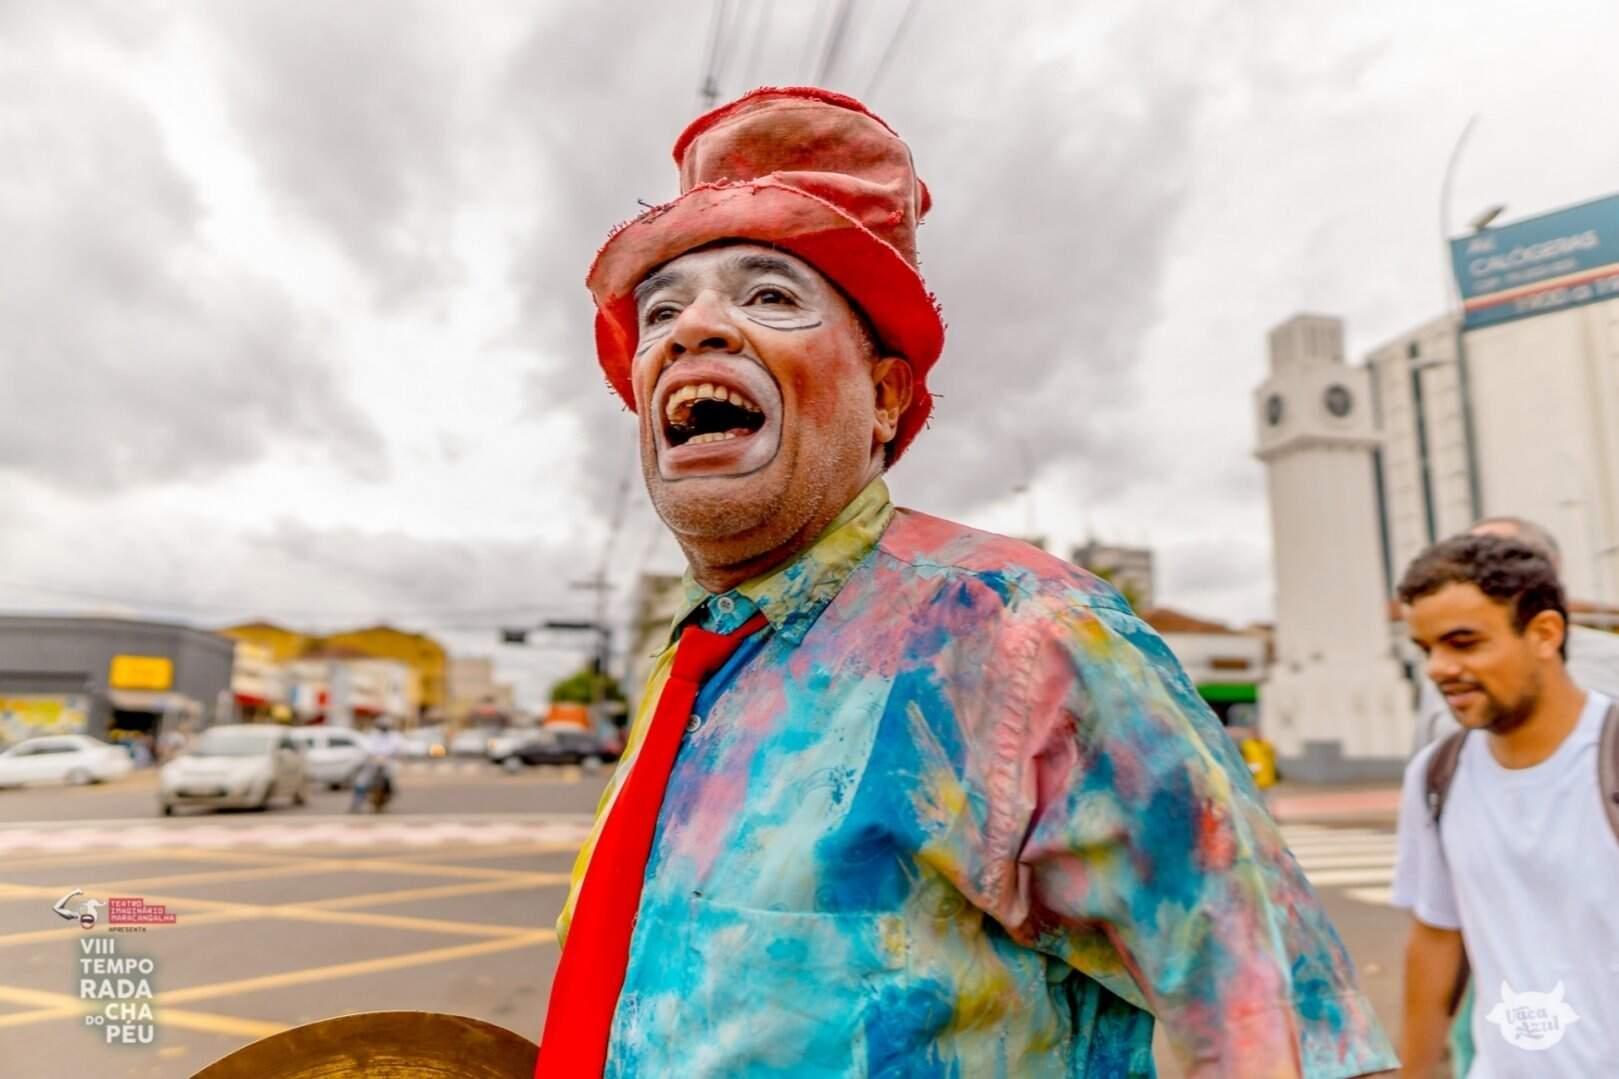 Espetáculo teatral realizado pelo Teatro Imaginário Maracangalha pelas ruas de Campo Grande. (Foto: Vaca Azul/Temporada do Chapéu)